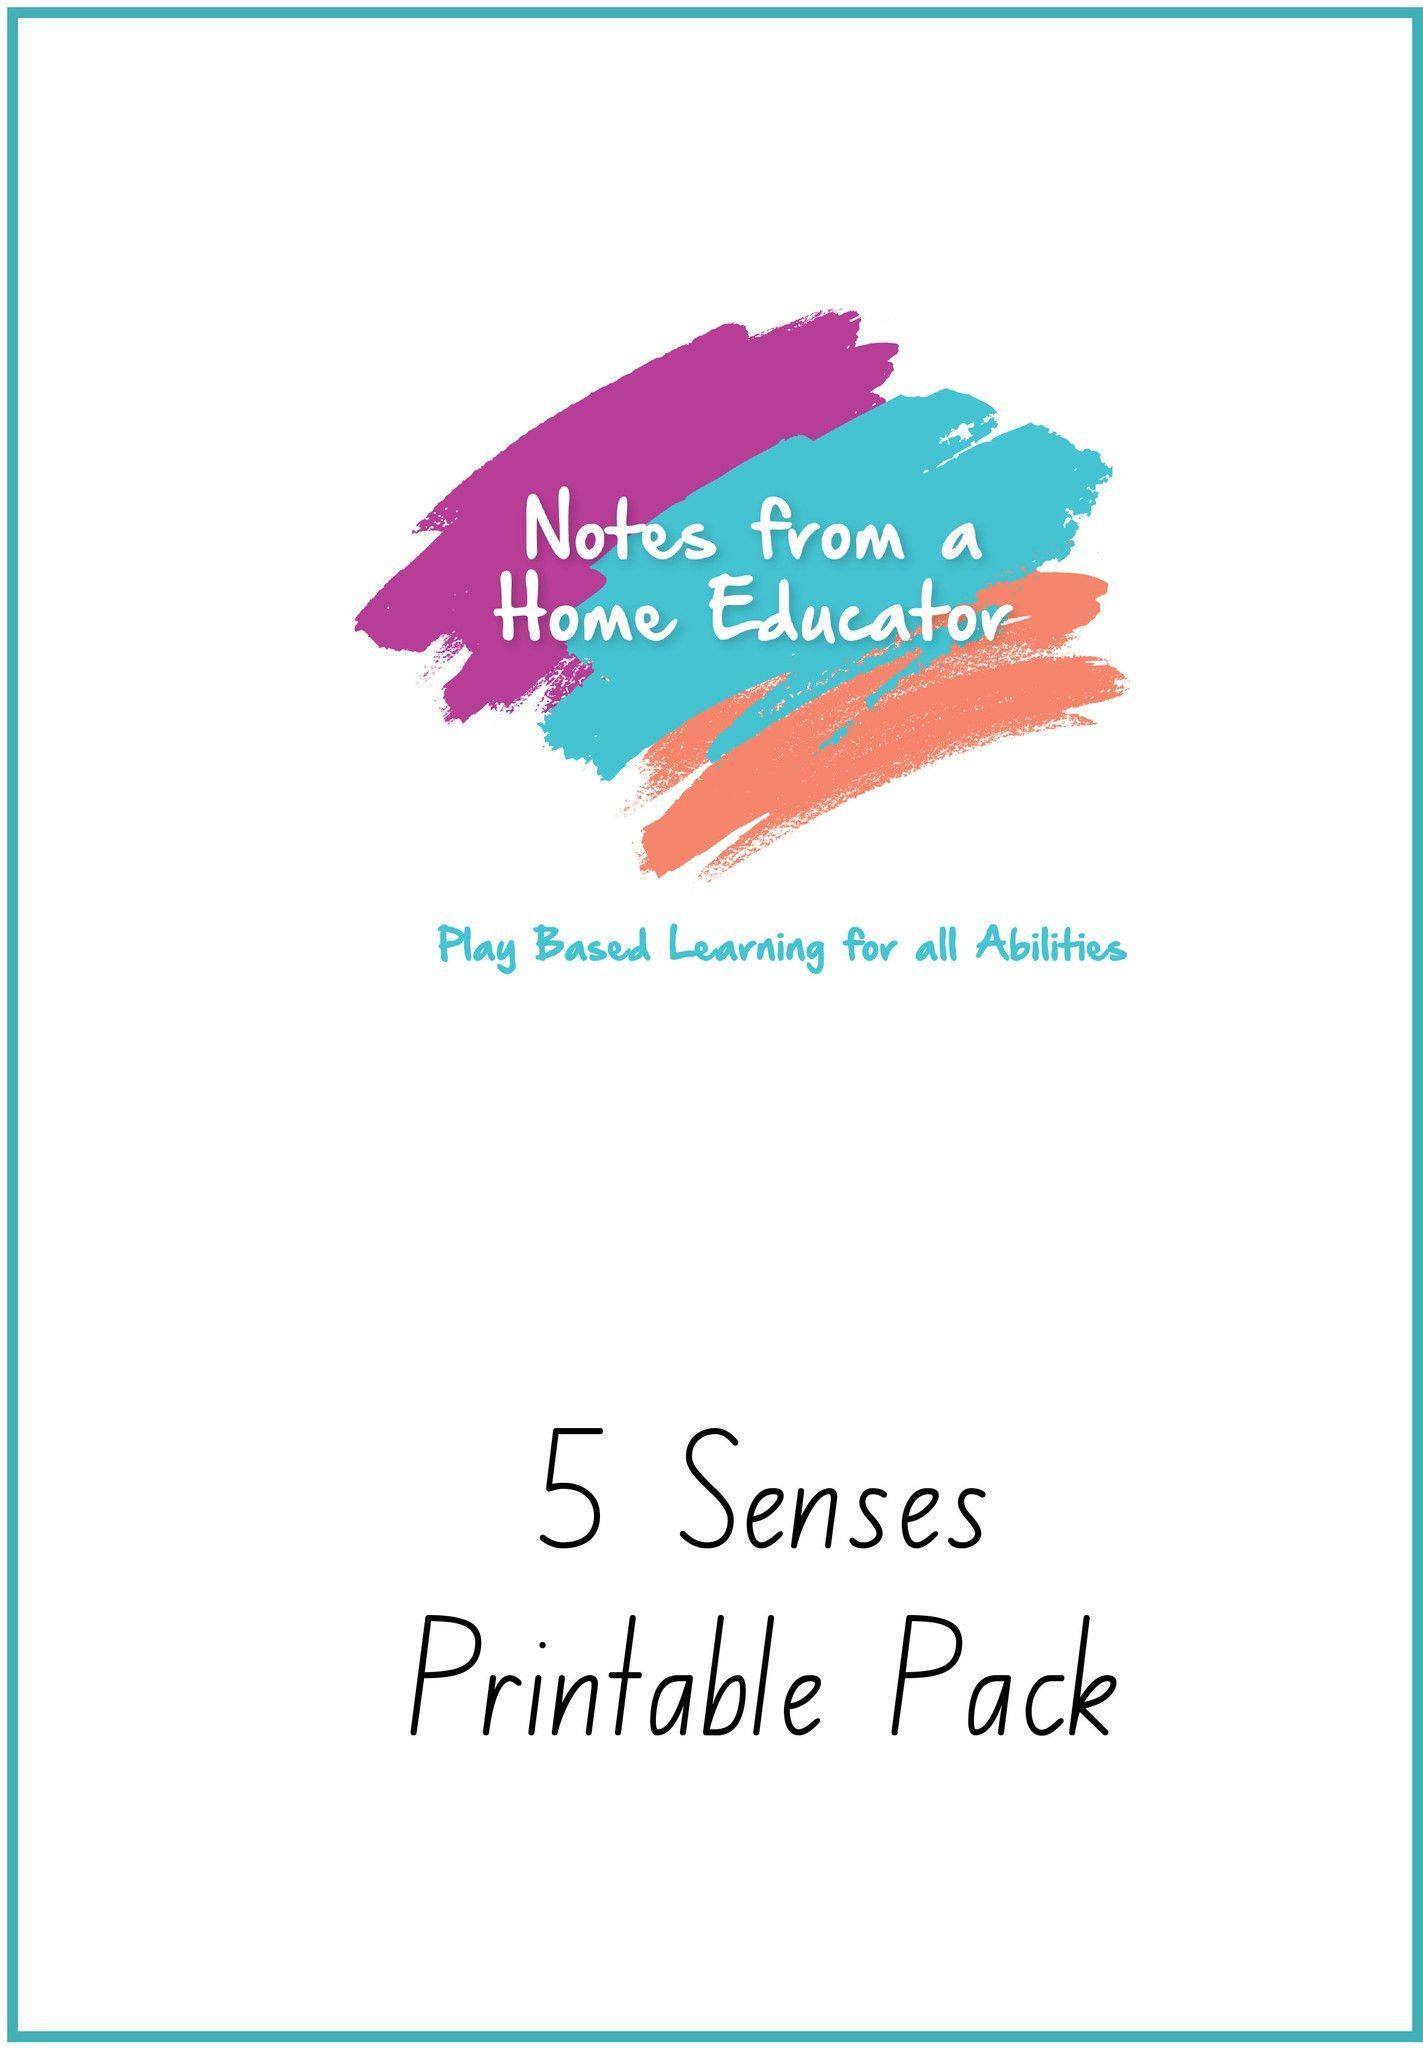 Five Senses Printable Pack